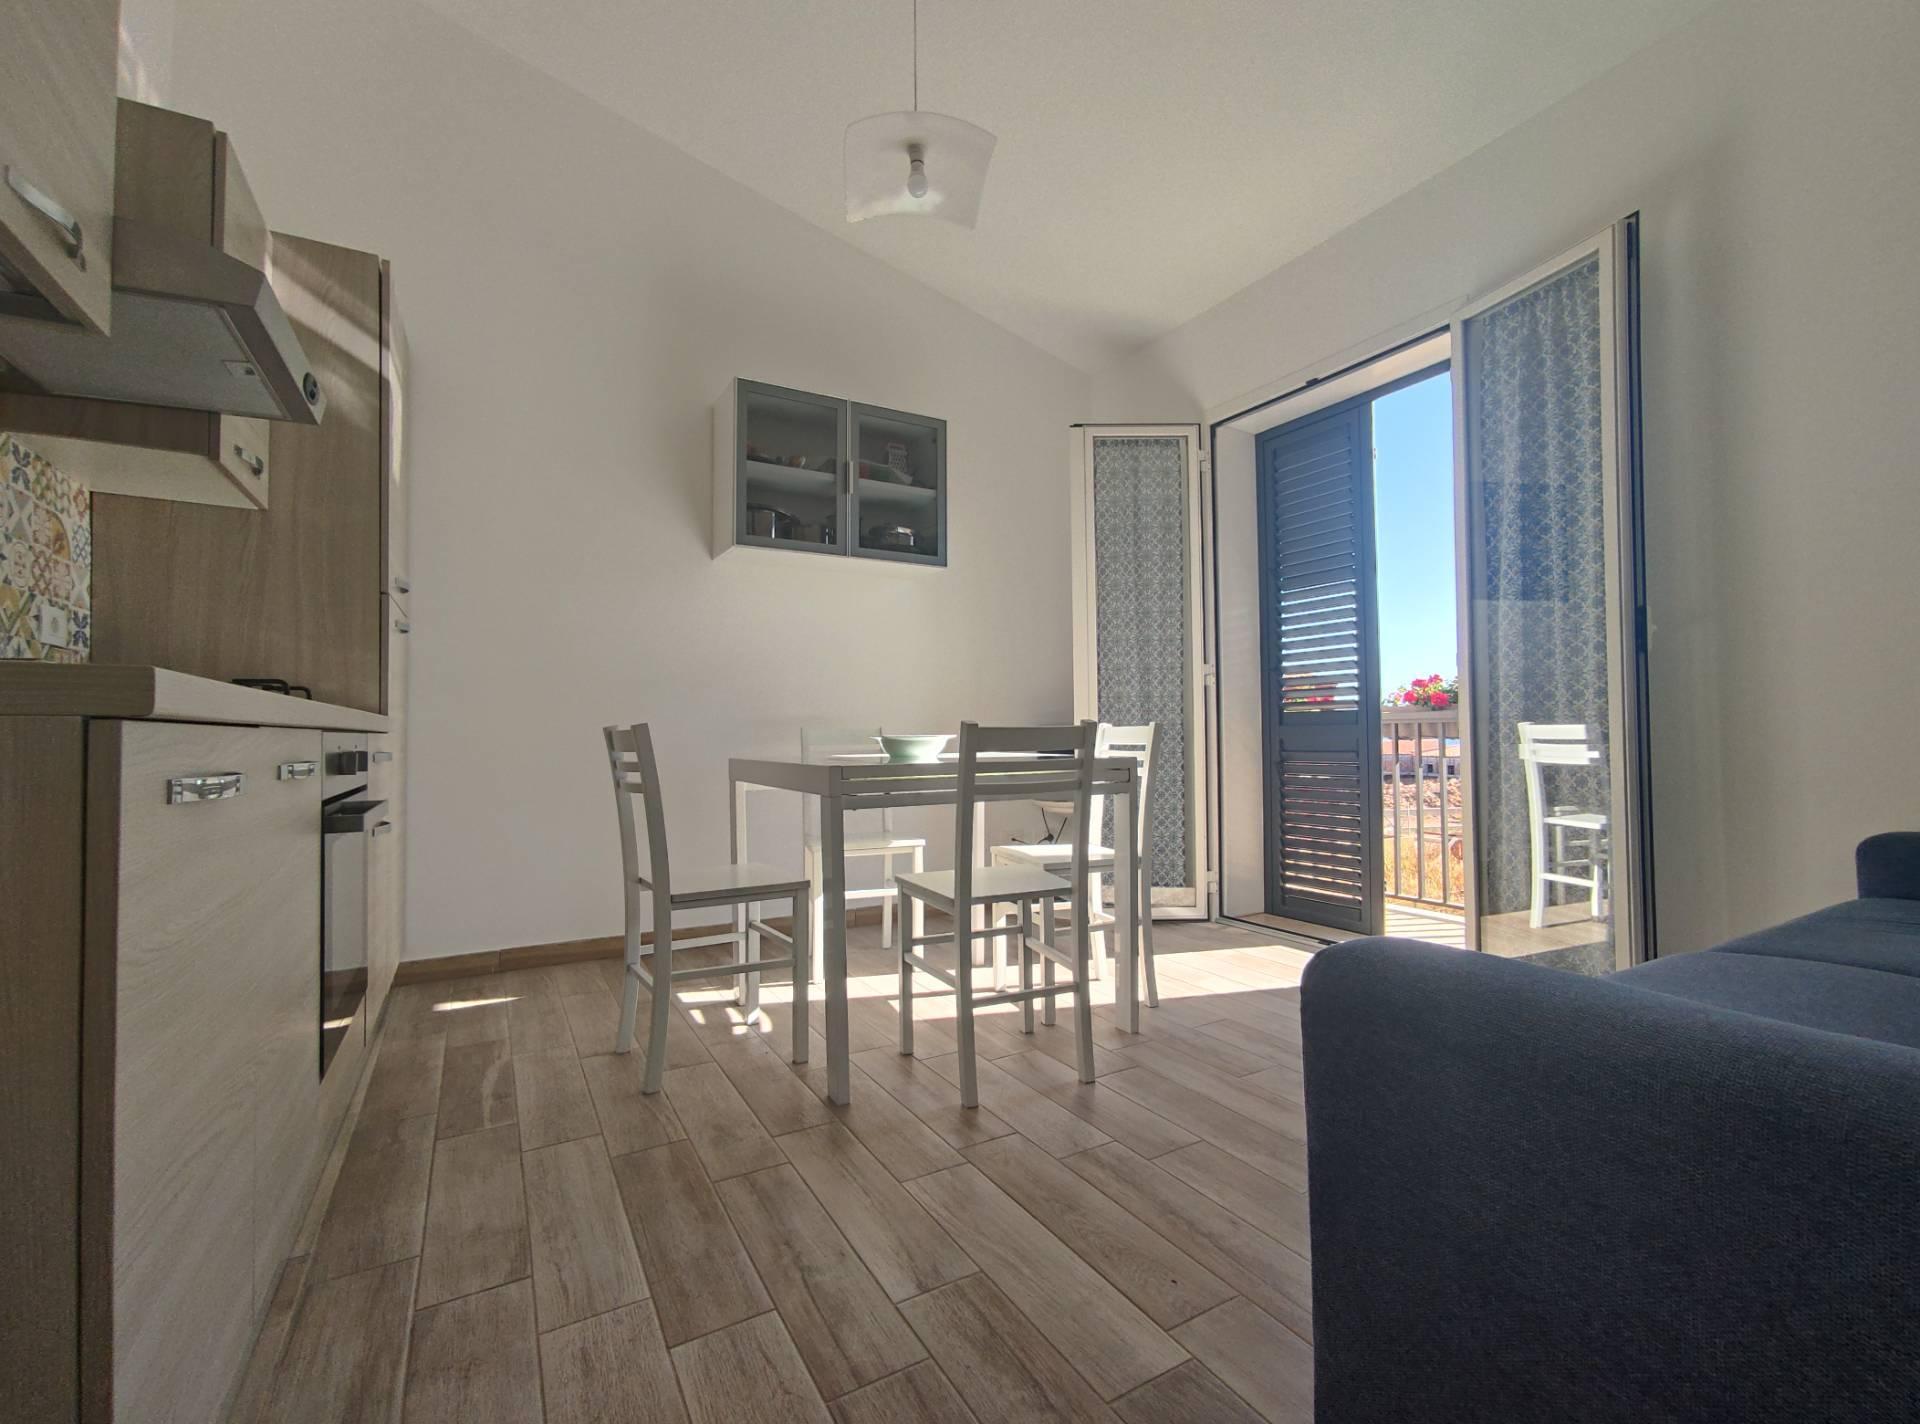 Appartamento in vendita a Portopalo di Capo Passero, 3 locali, prezzo € 134.000   CambioCasa.it